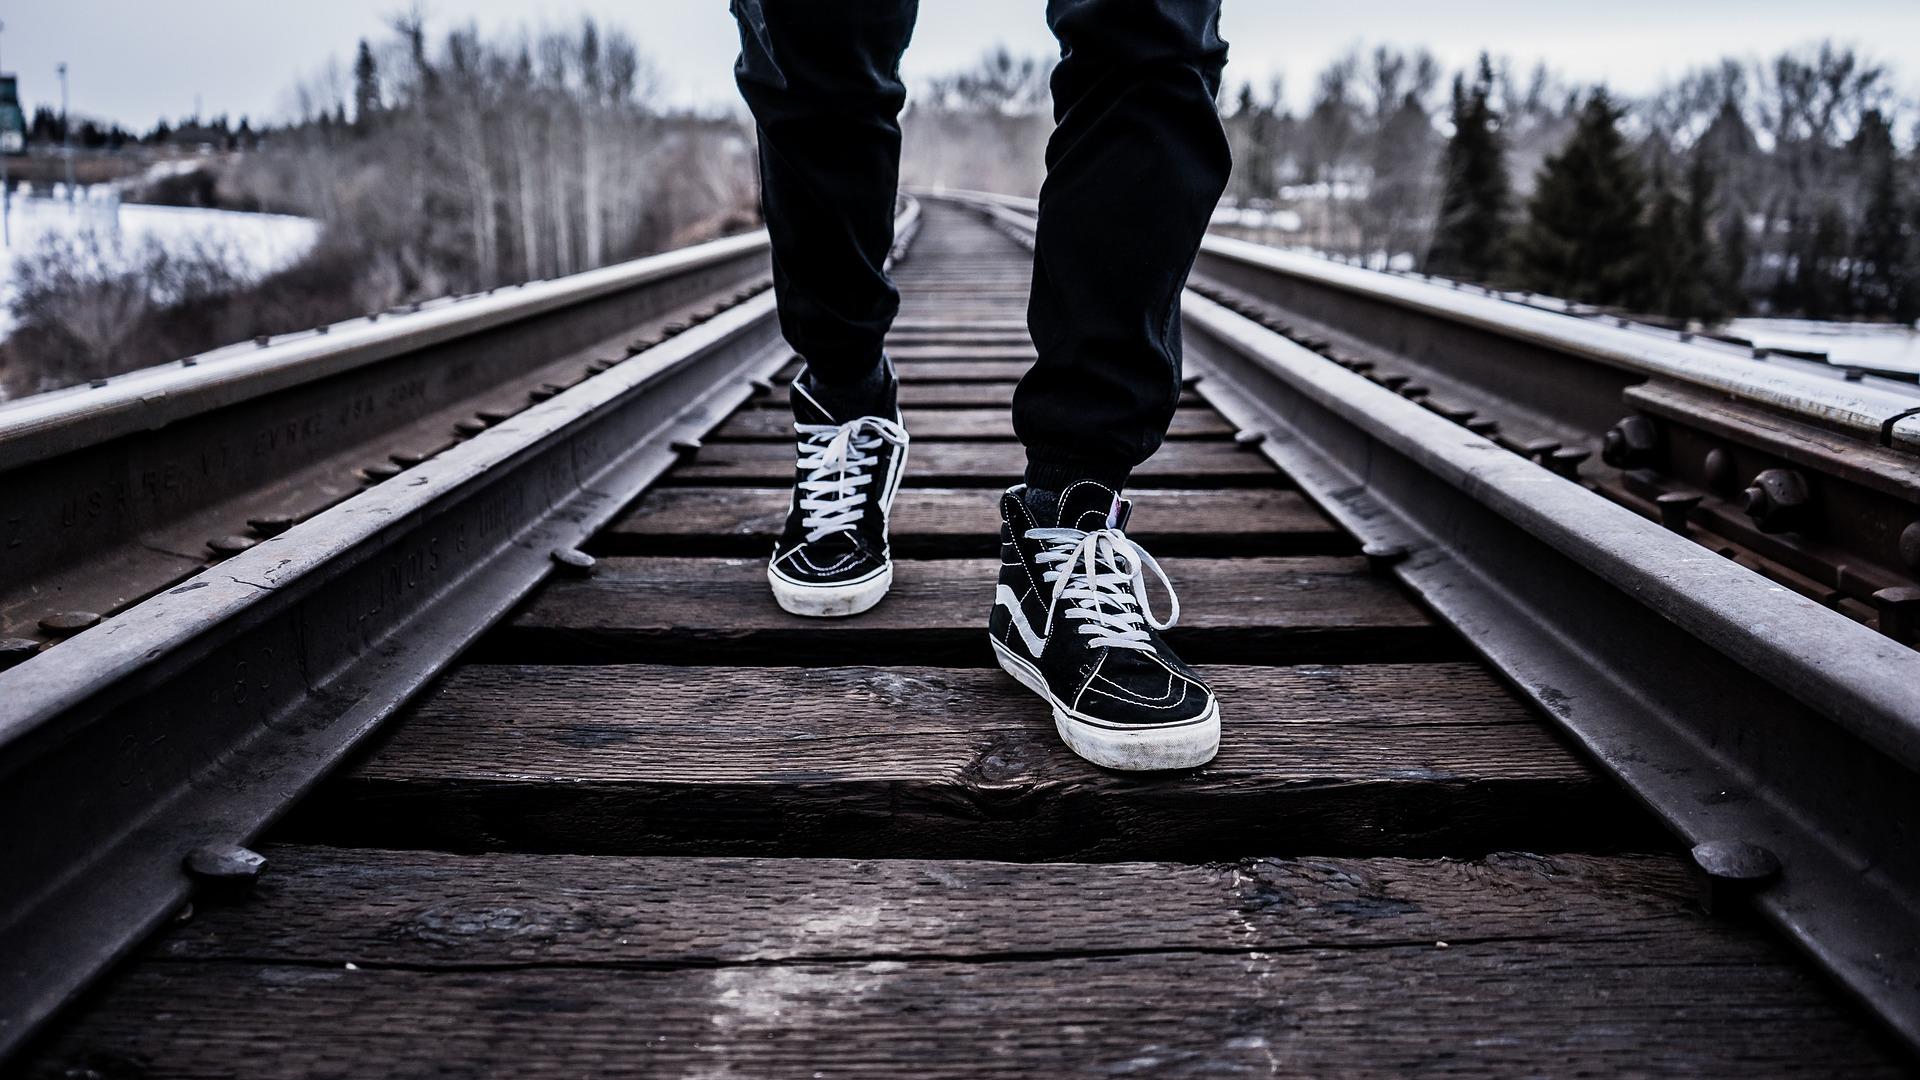 Kuvassa mies kävelemässä junarataa pitkin. Kuvituskuva.